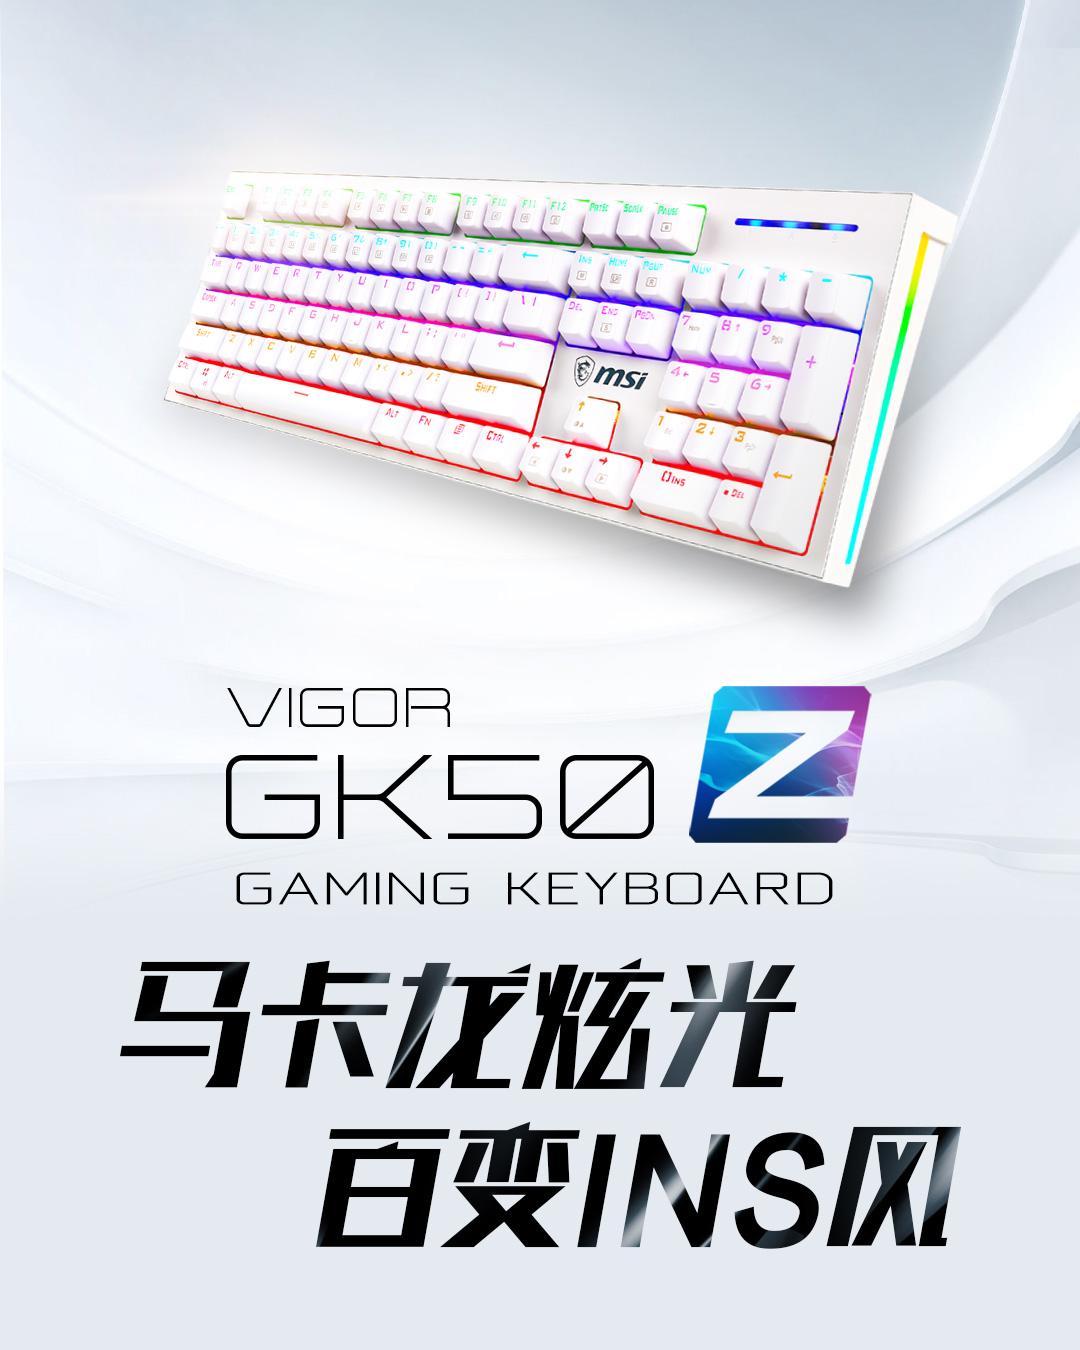 GK50 Z